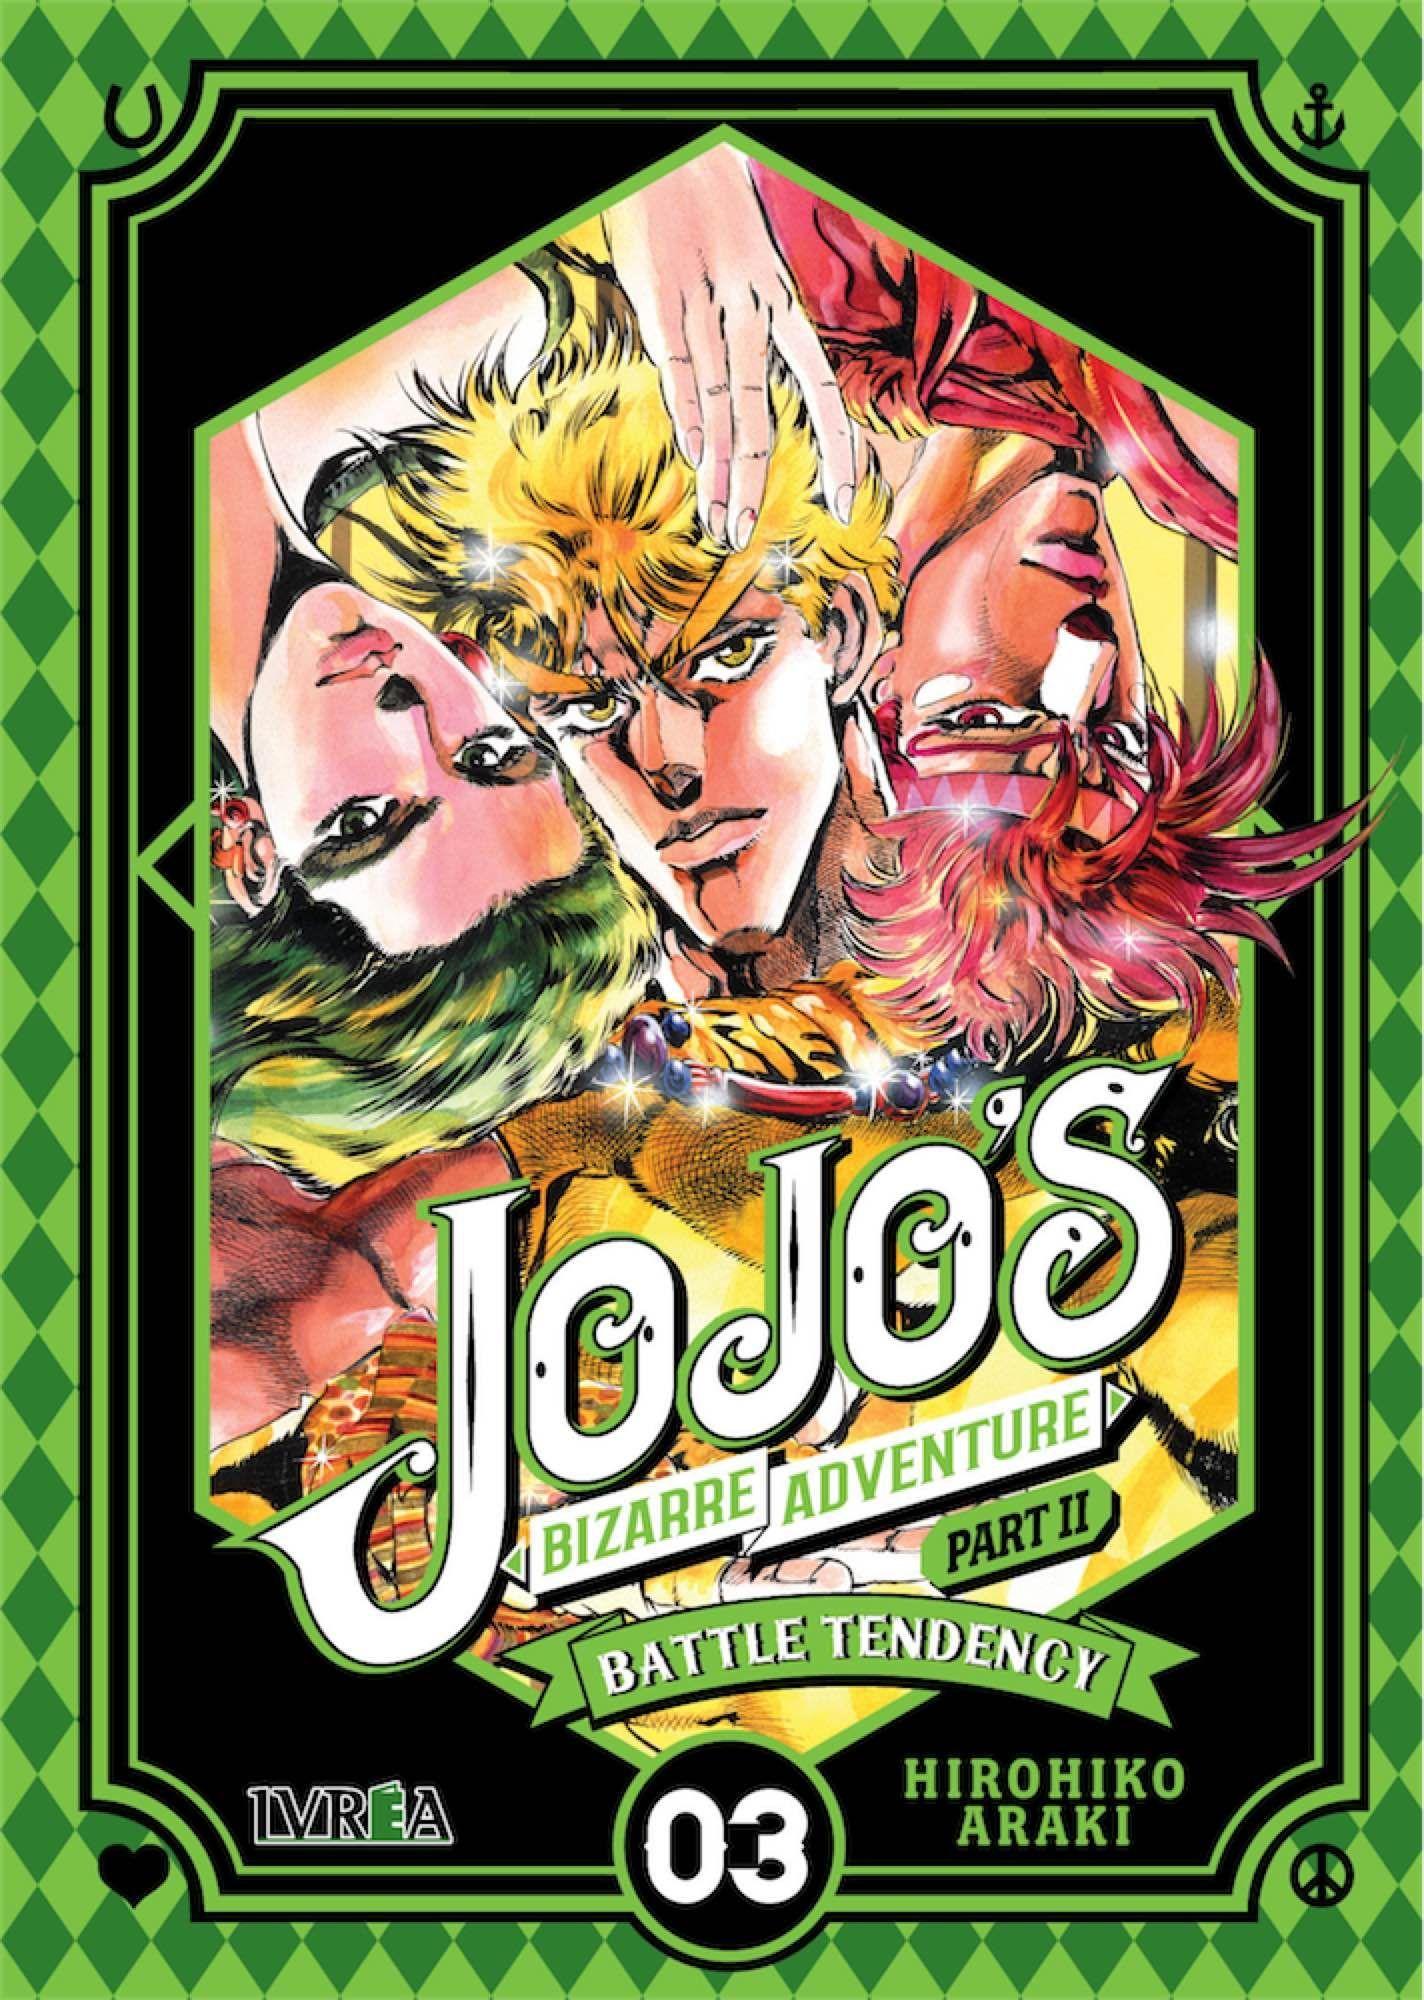 Araki, Hirohiko. Jojo's bizarre adventure part II